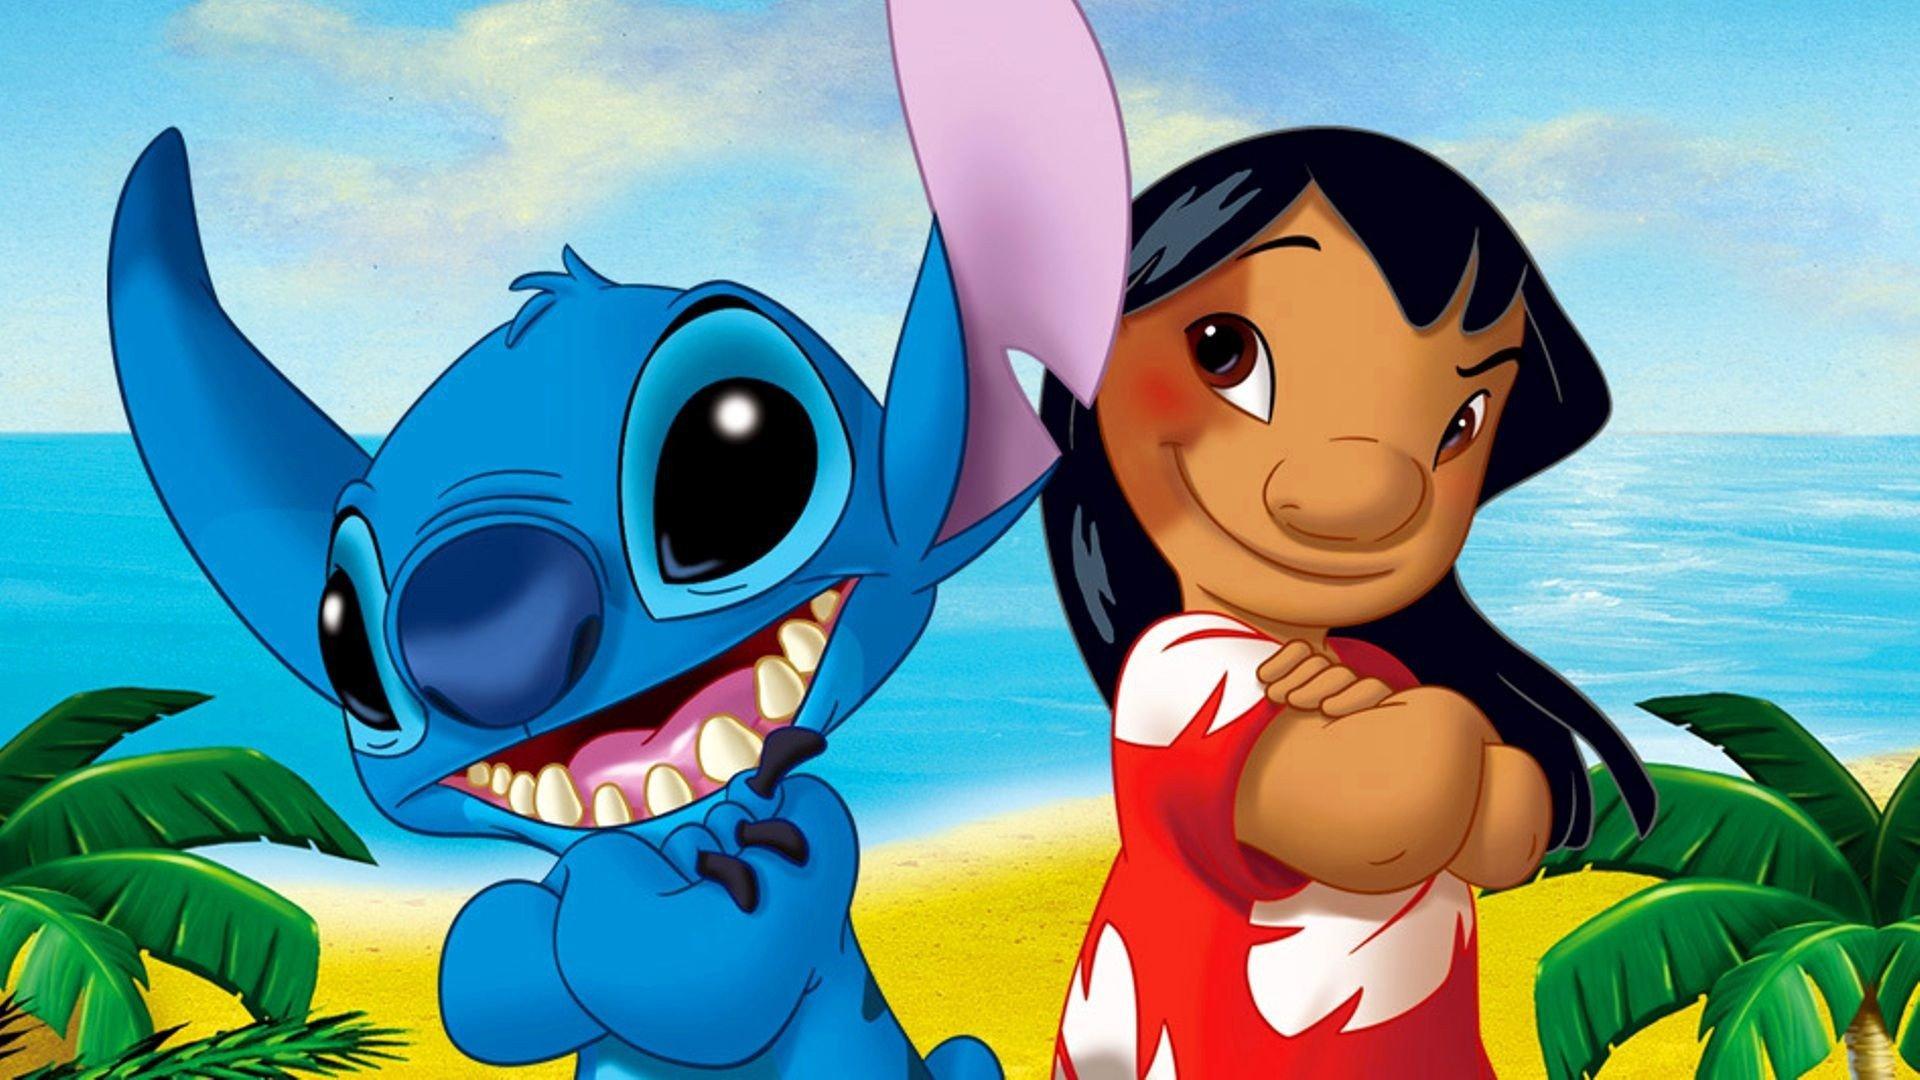 Disney Prépare Bien Un Remake Live-Action De Lilo & Stitch encequiconcerne Lilo Et Stitch Dessin Animé